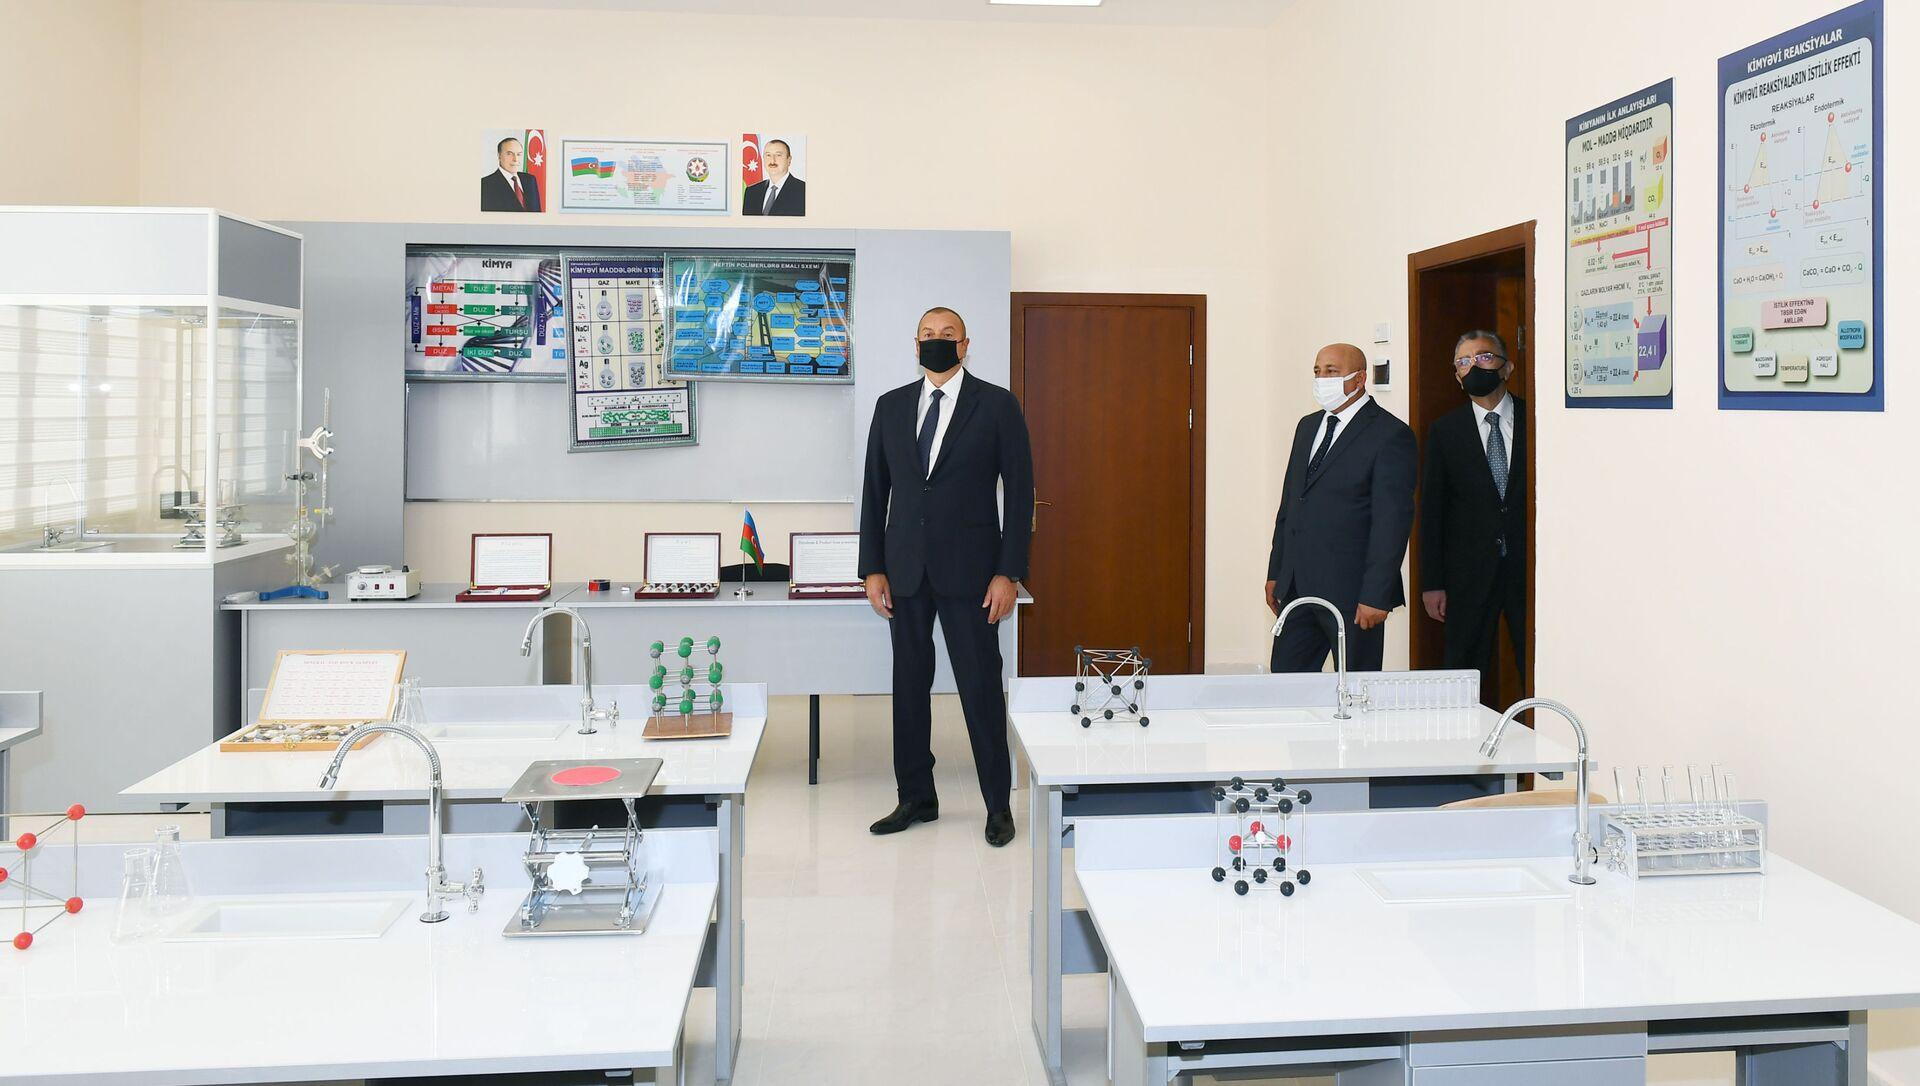 Президент Ильхам Алиев ознакомился с условиями, созданными в полной средней школе номер 71 Сабунчинского района - Sputnik Азербайджан, 1920, 21.09.2021